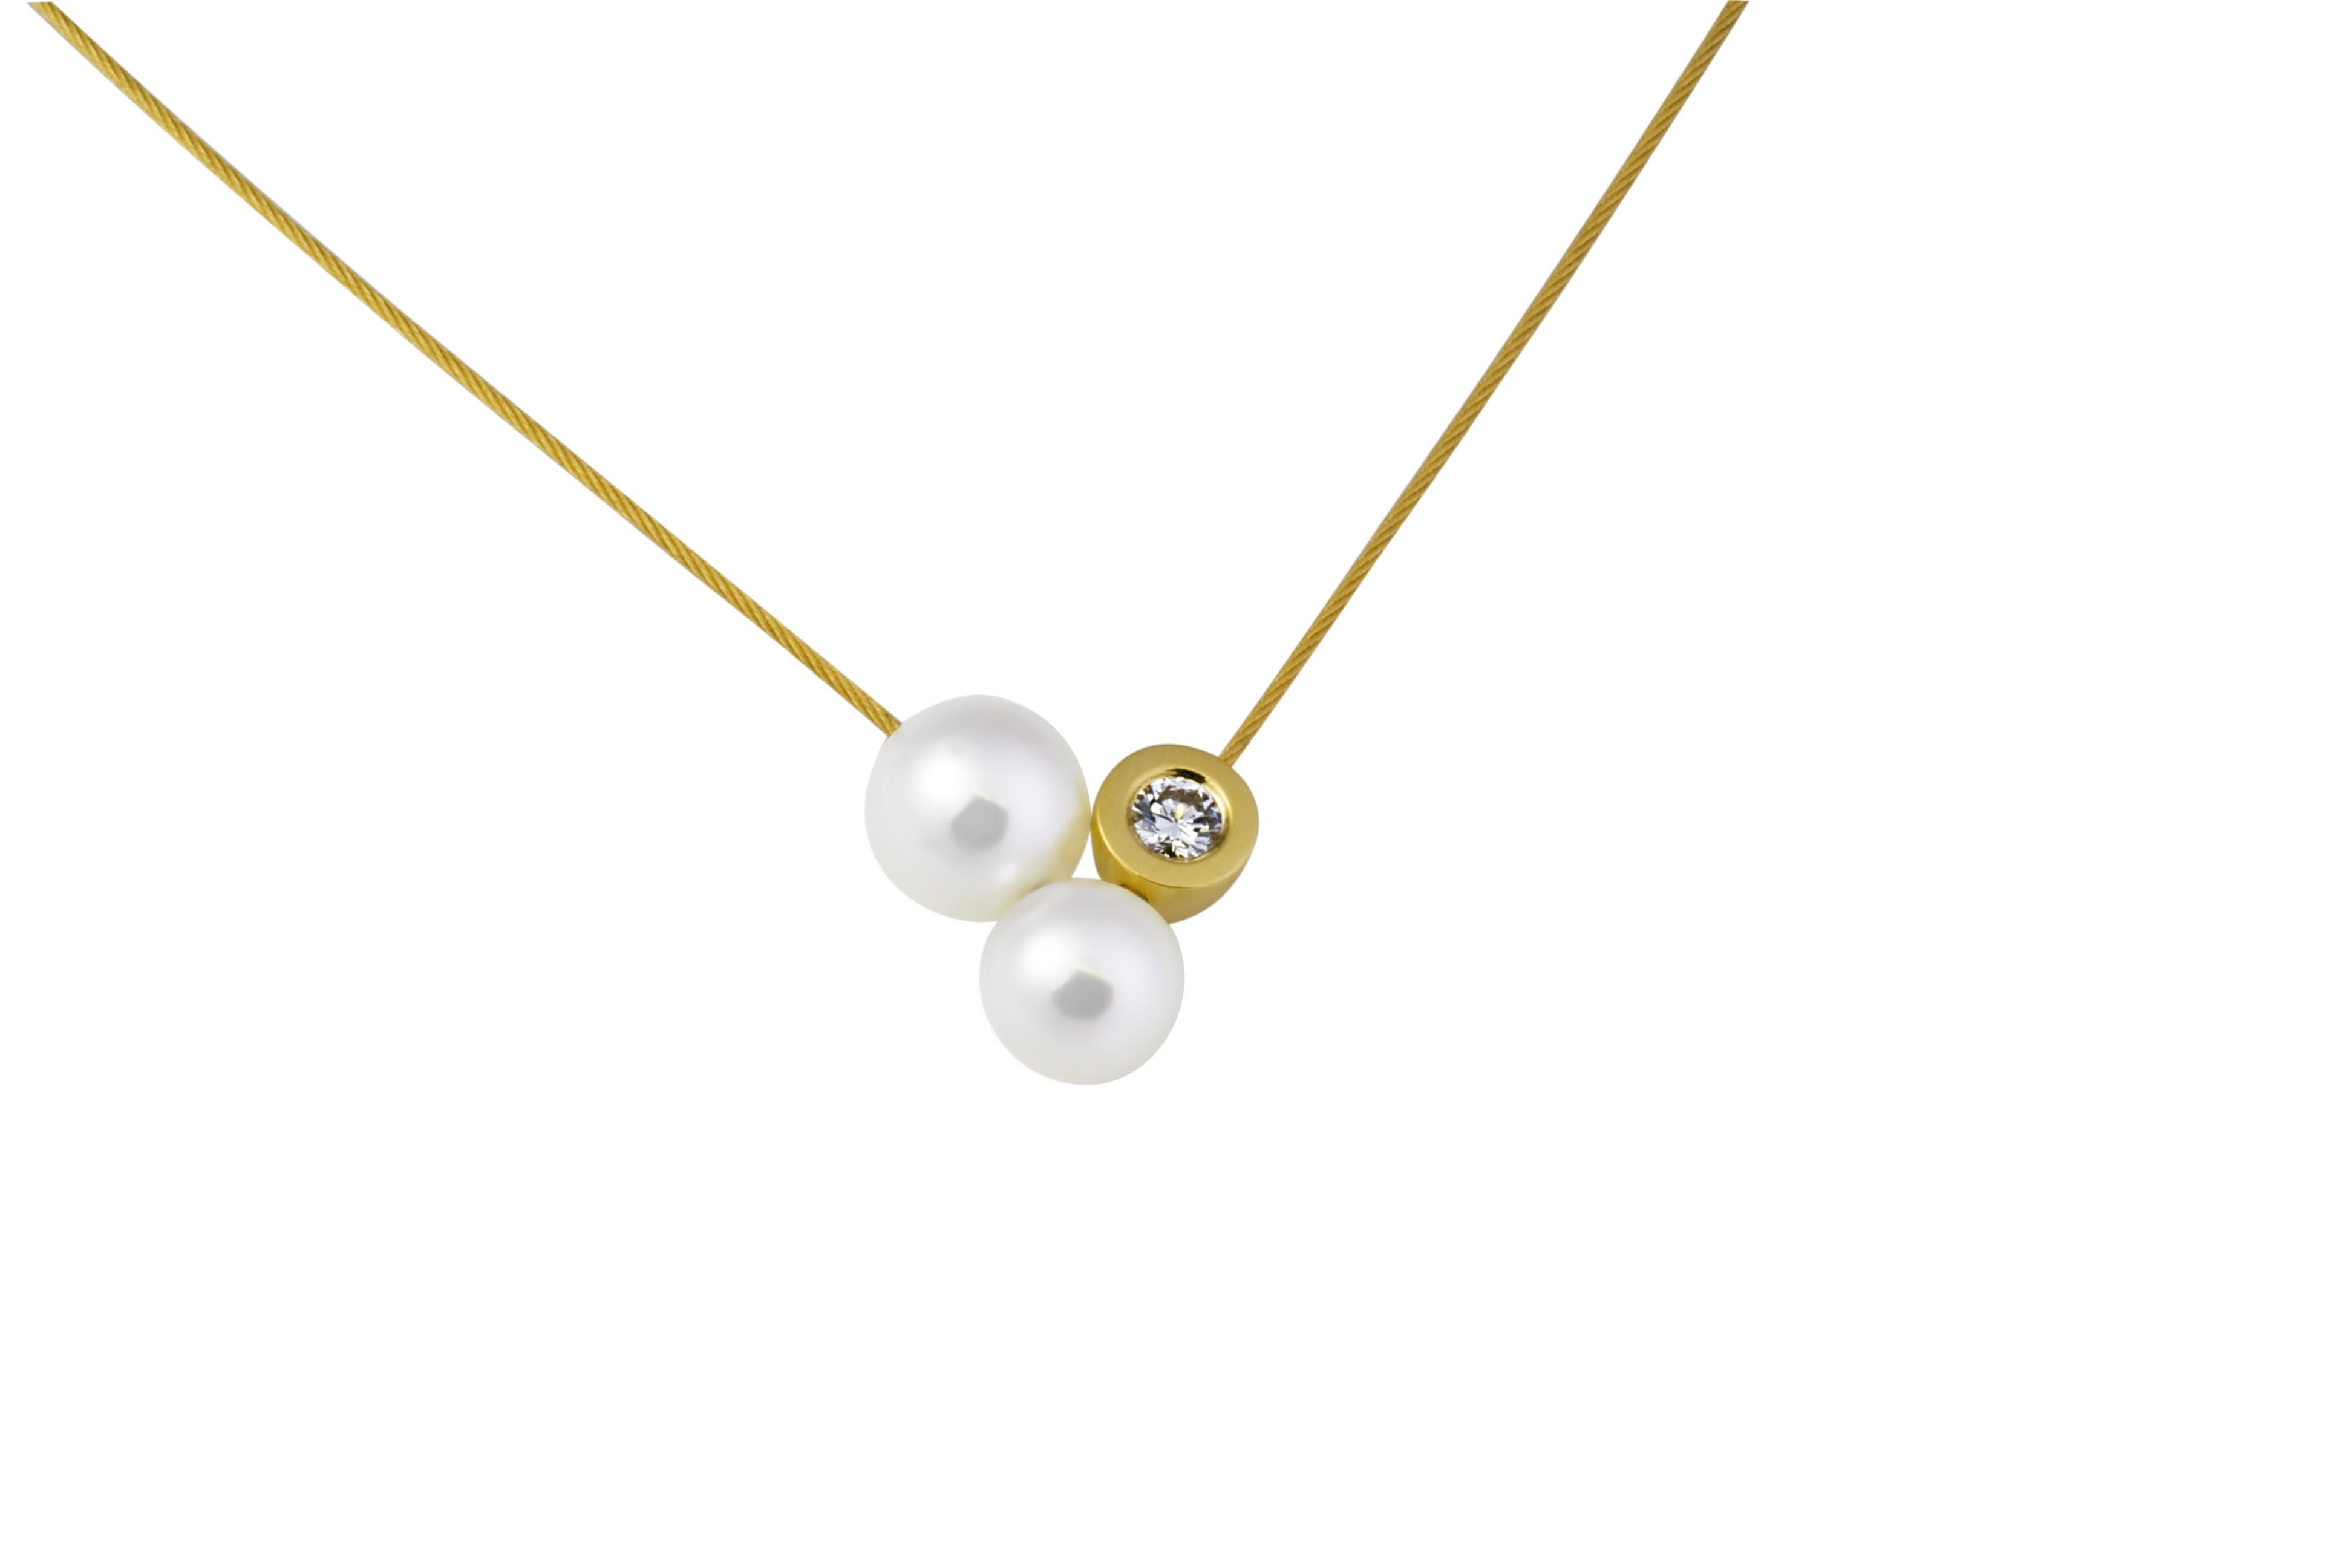 Collier mit Brillant + Perlen